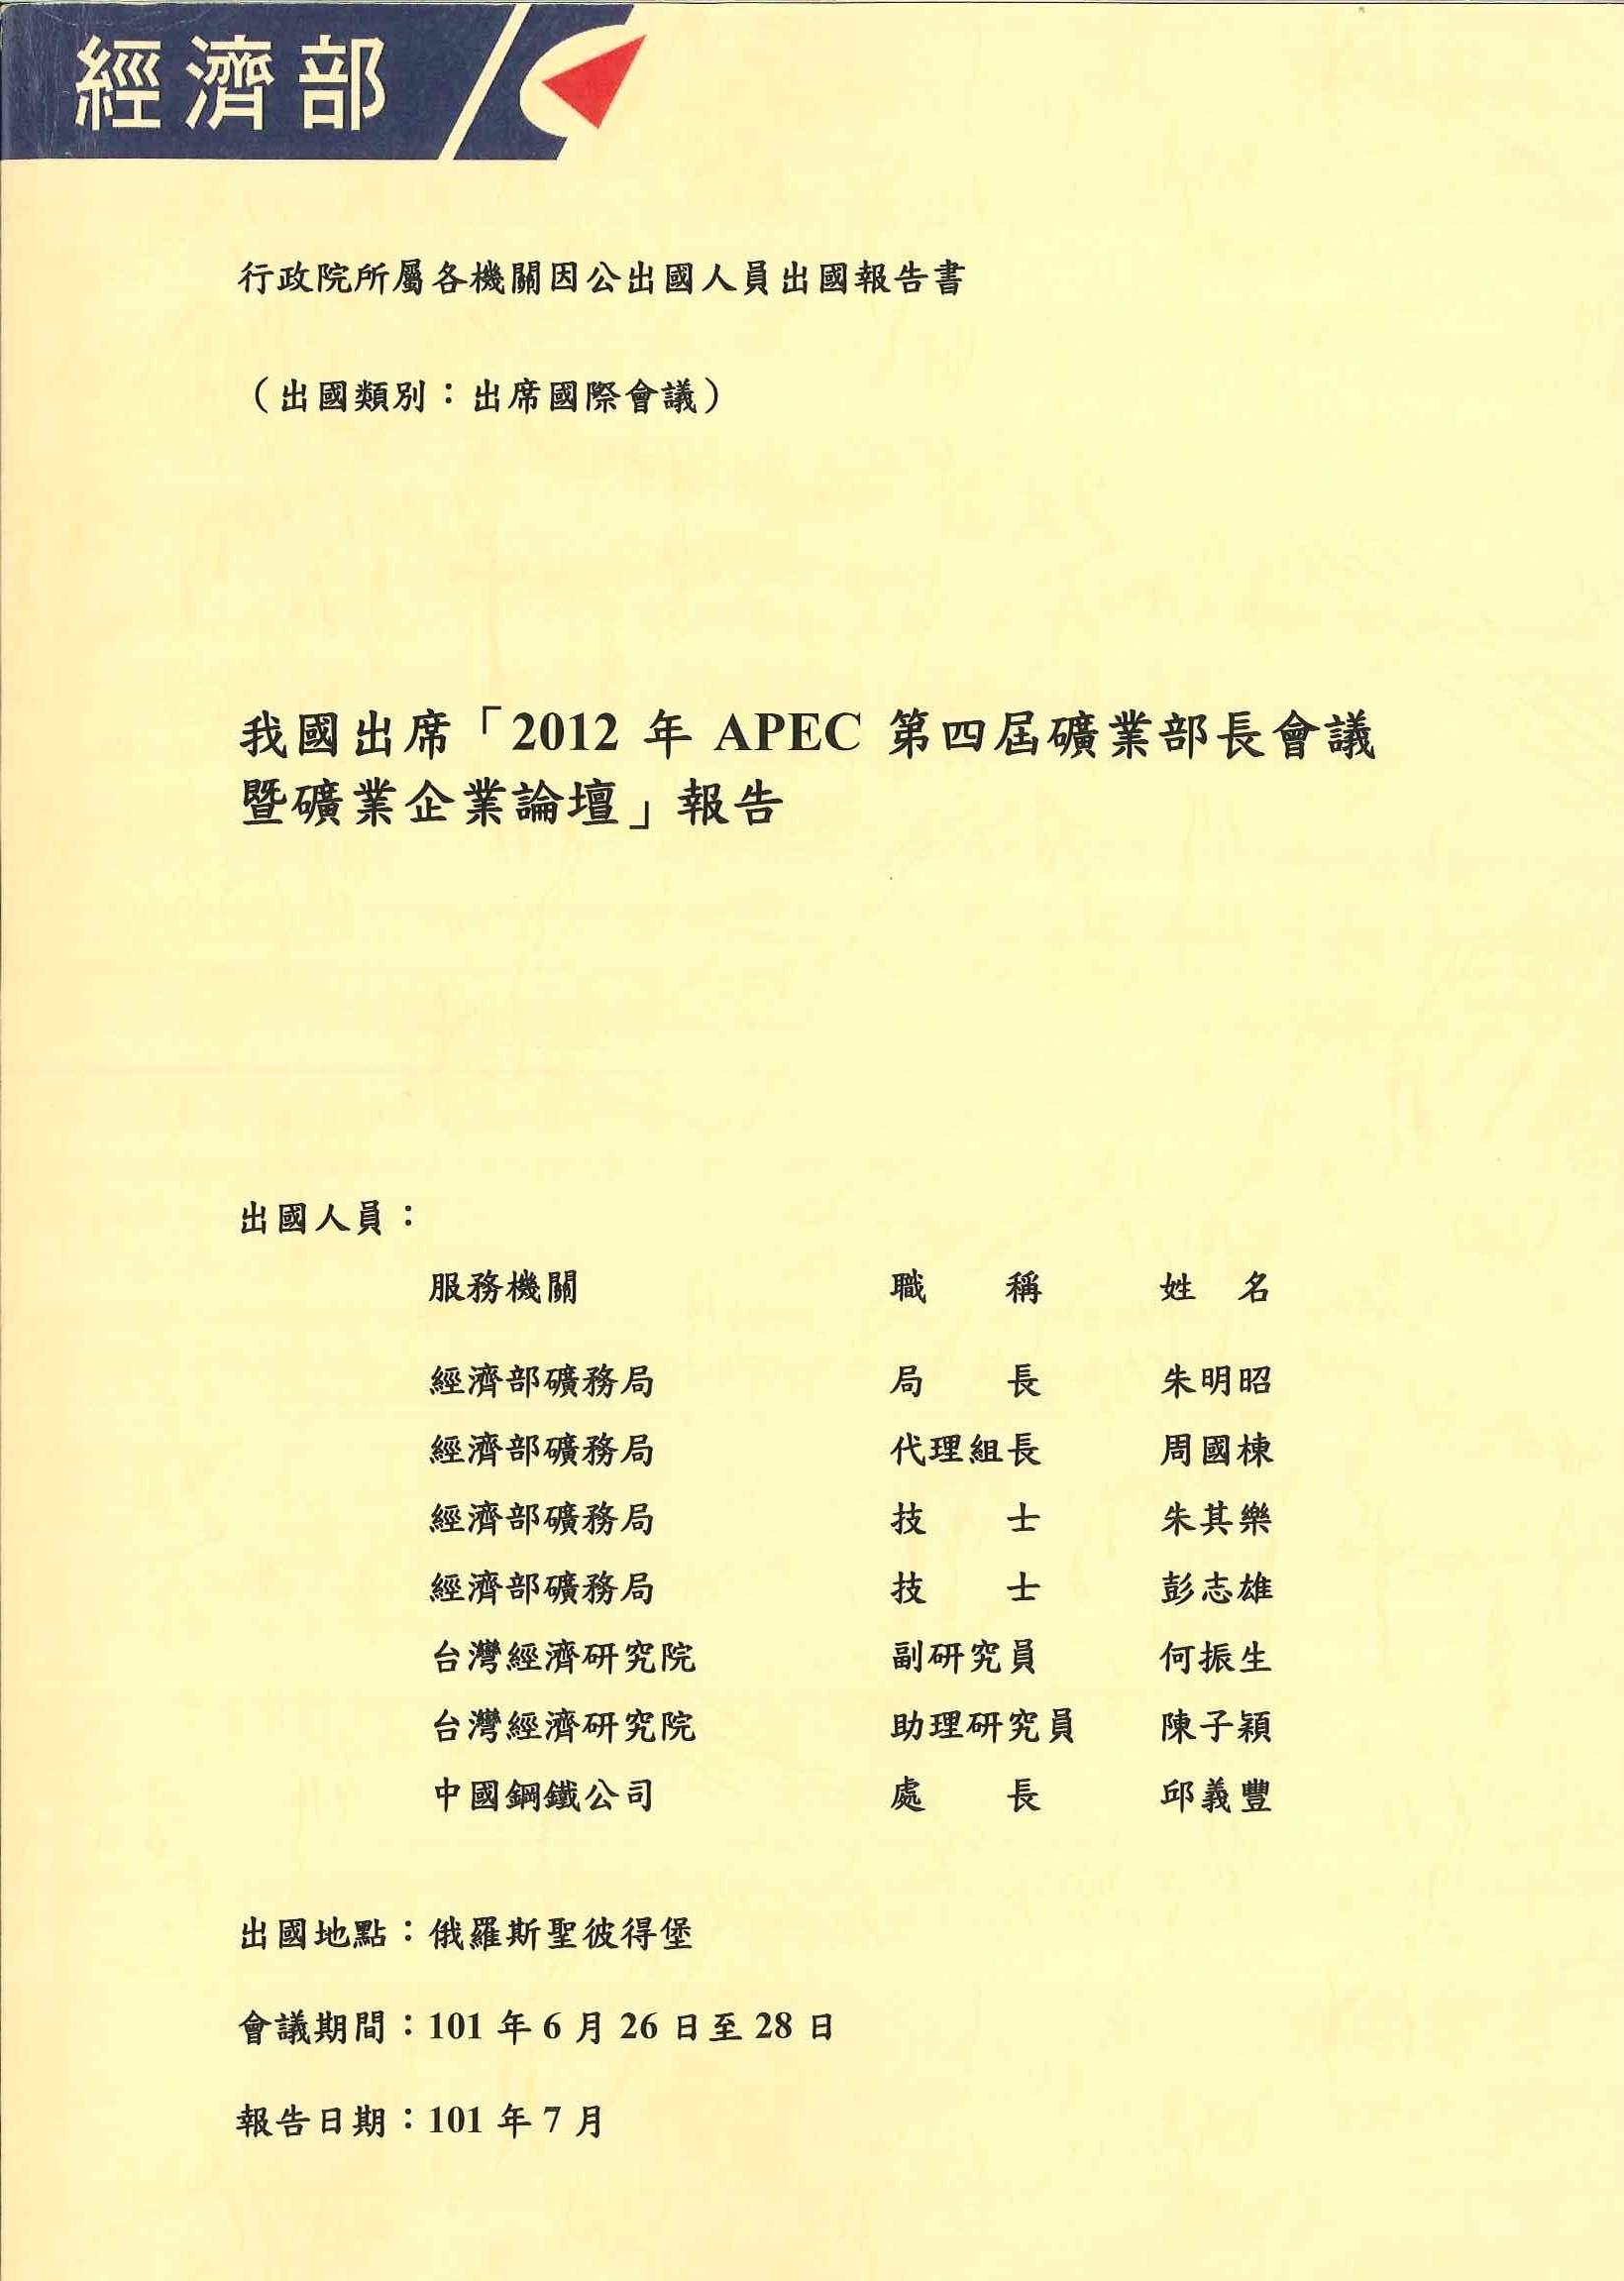 我國出席「2012年APEC第四屆礦業部長會議暨礦產企業論壇」報告